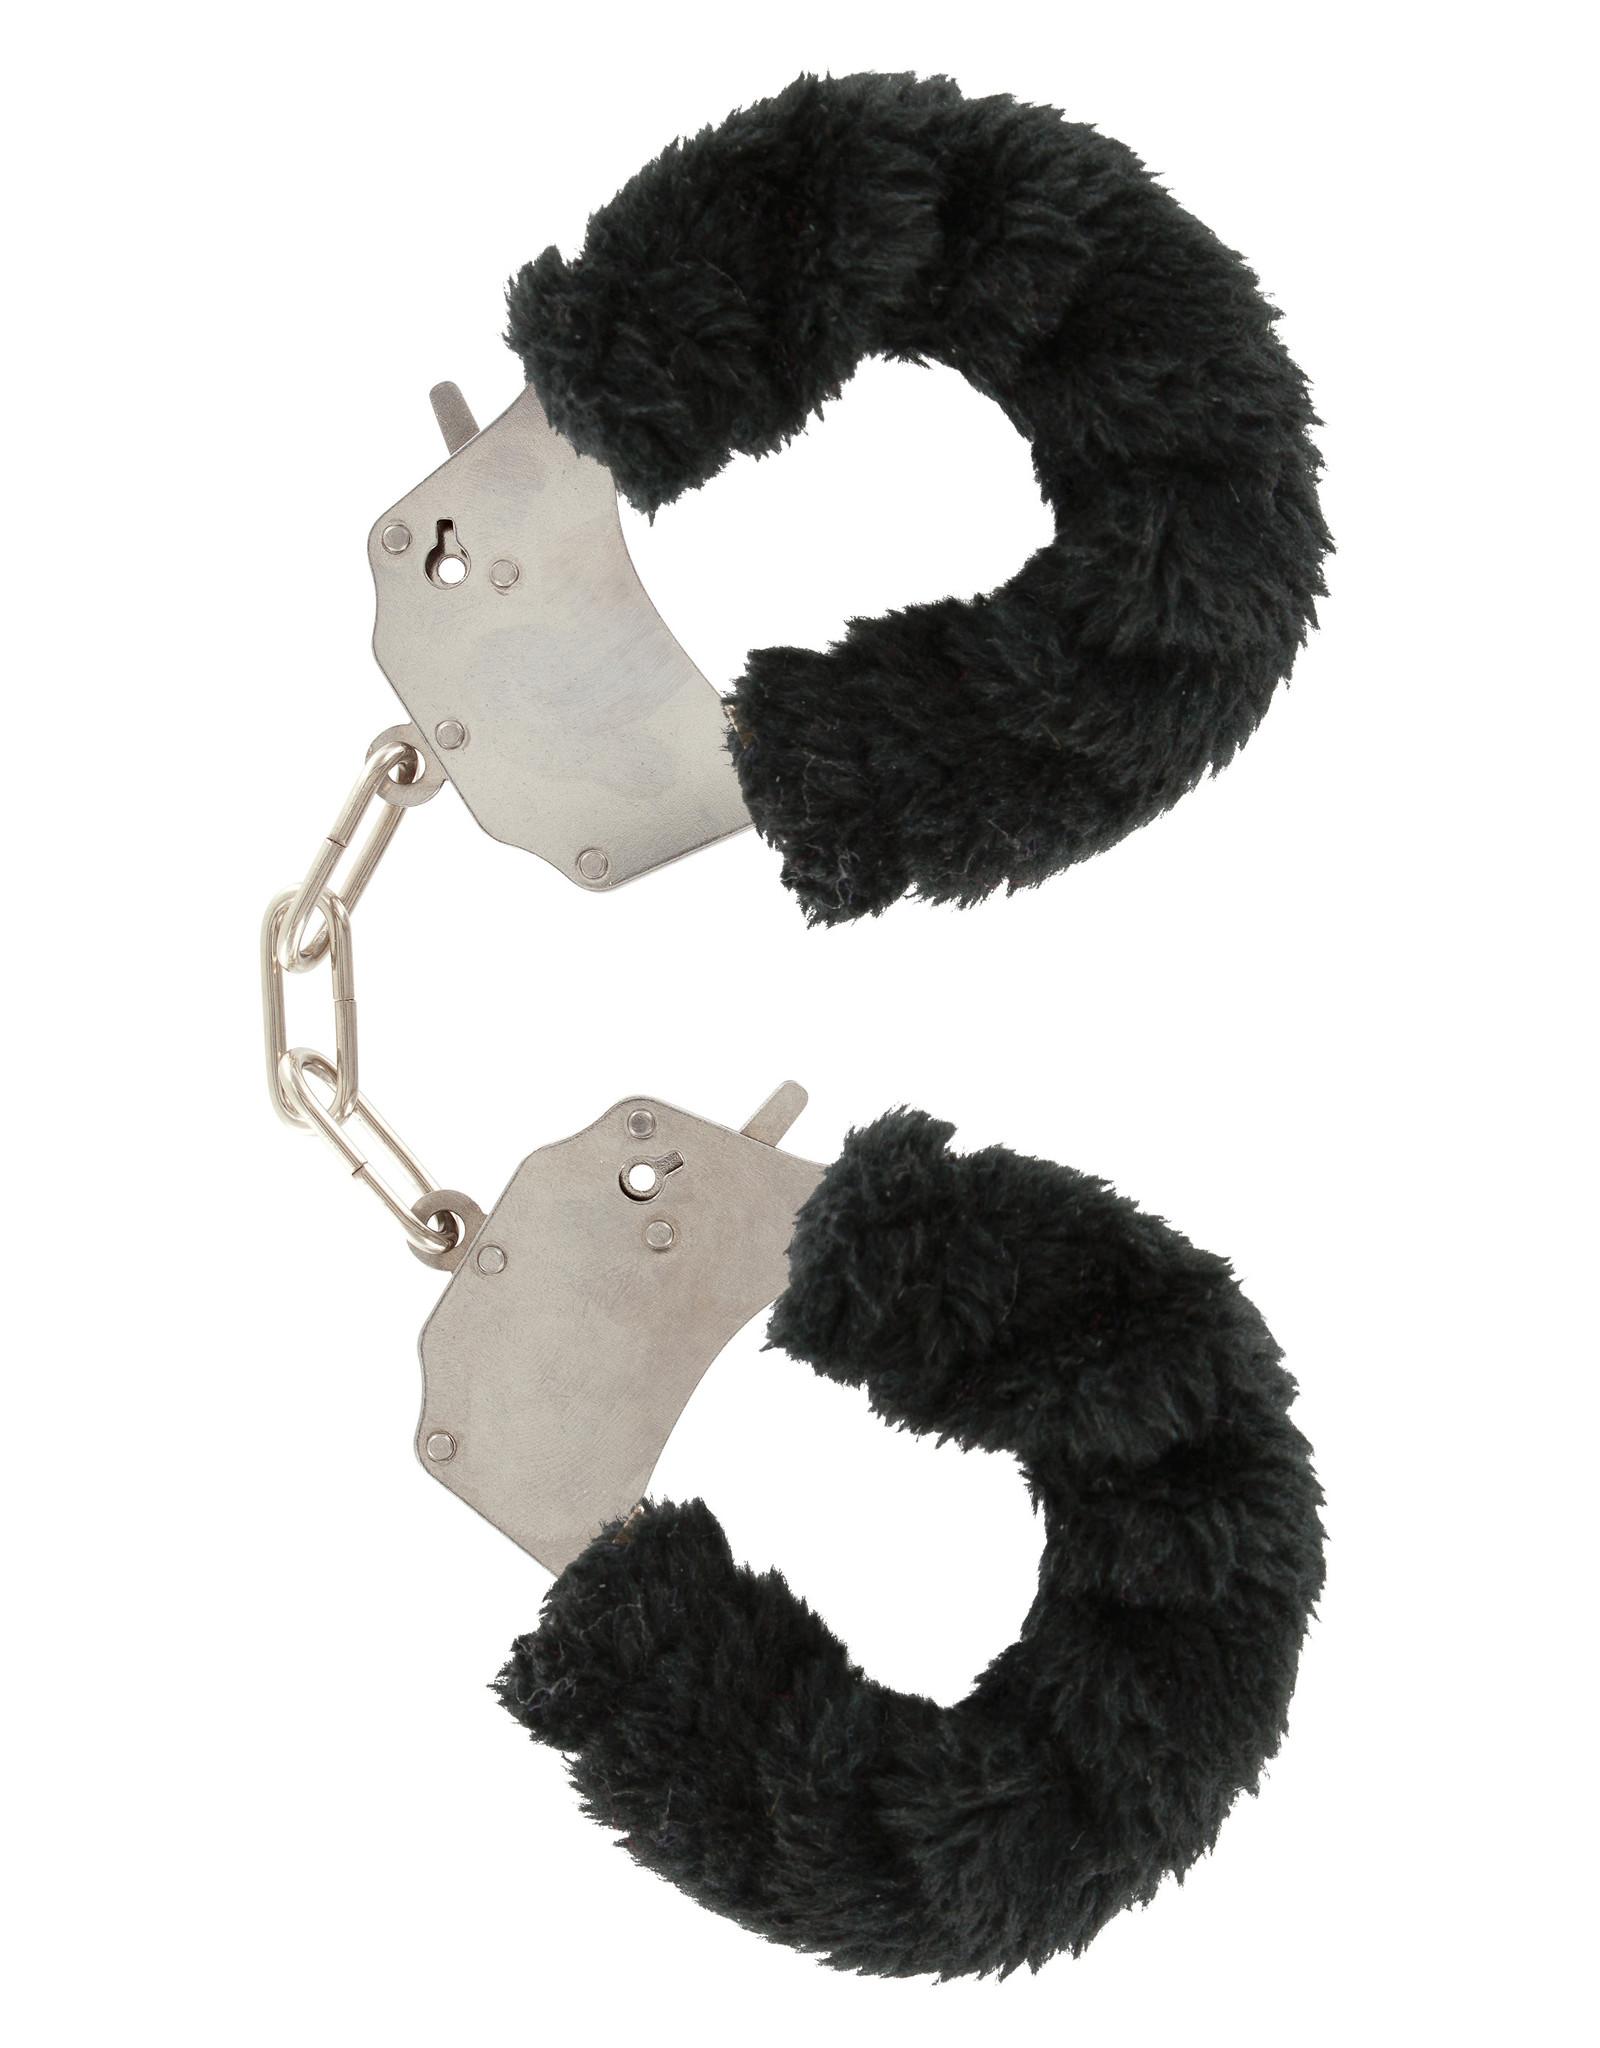 ToyJoy Furry fun cuffs - Black